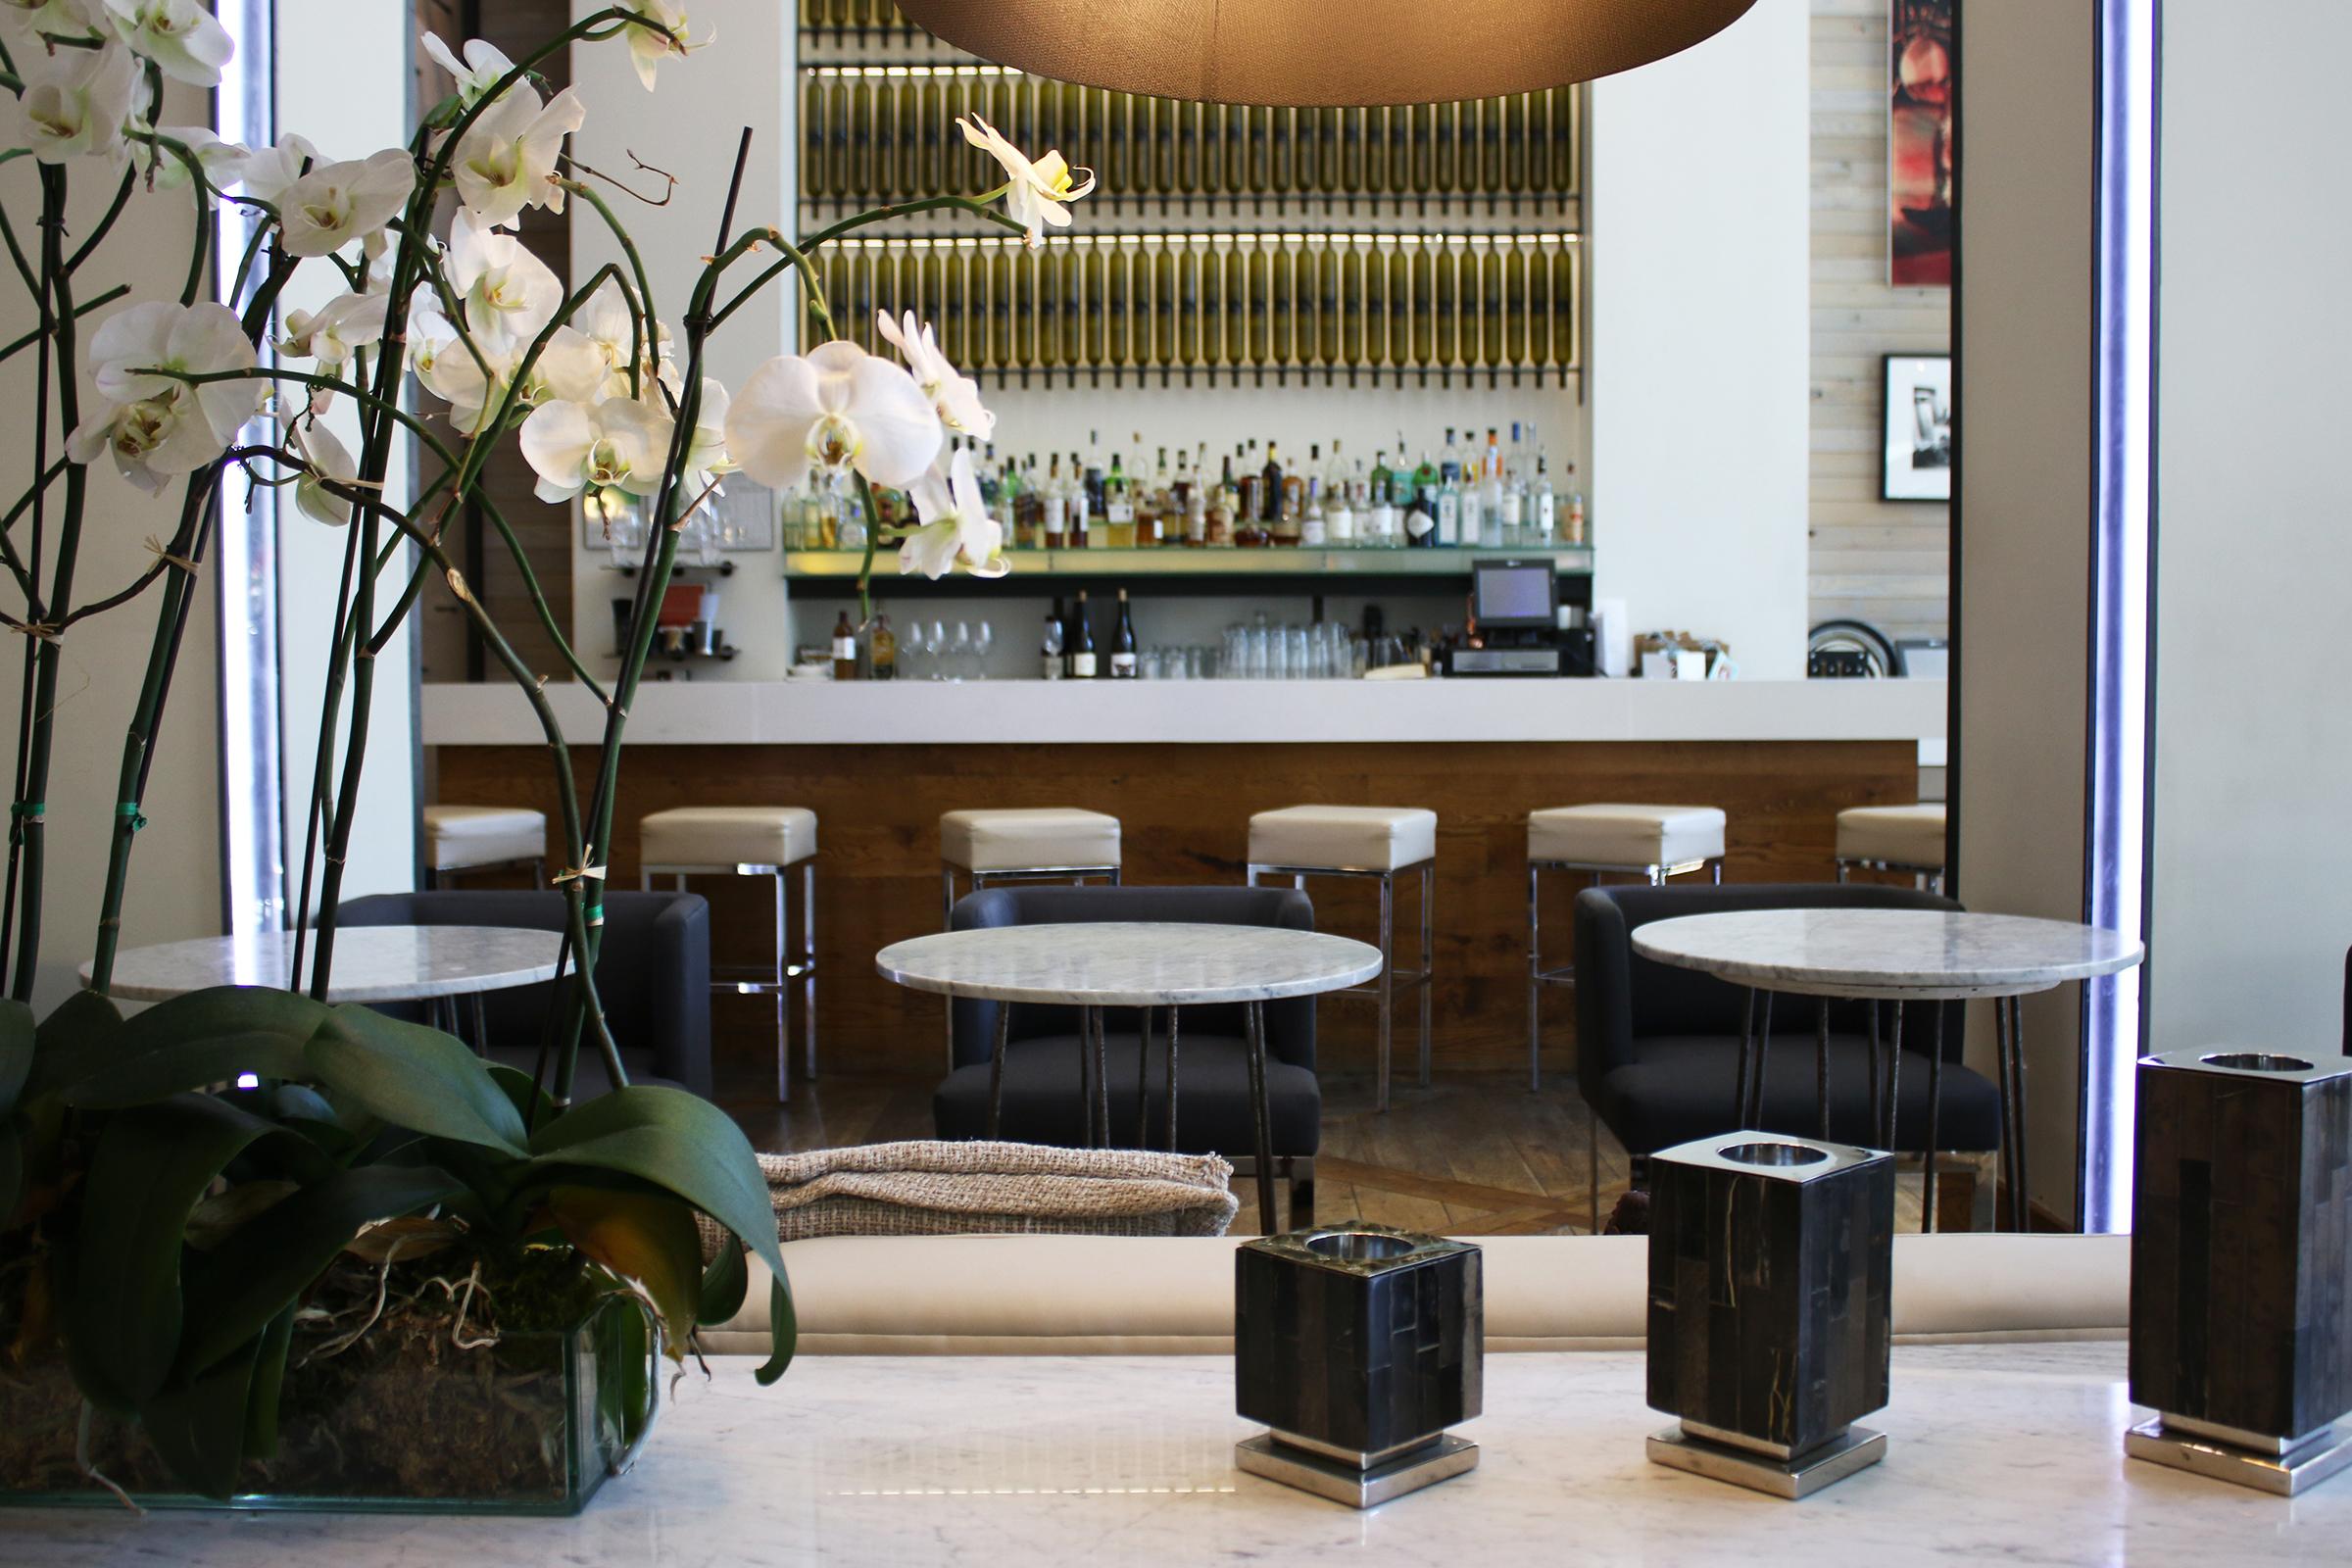 The lobby bar at Hotel Zetta